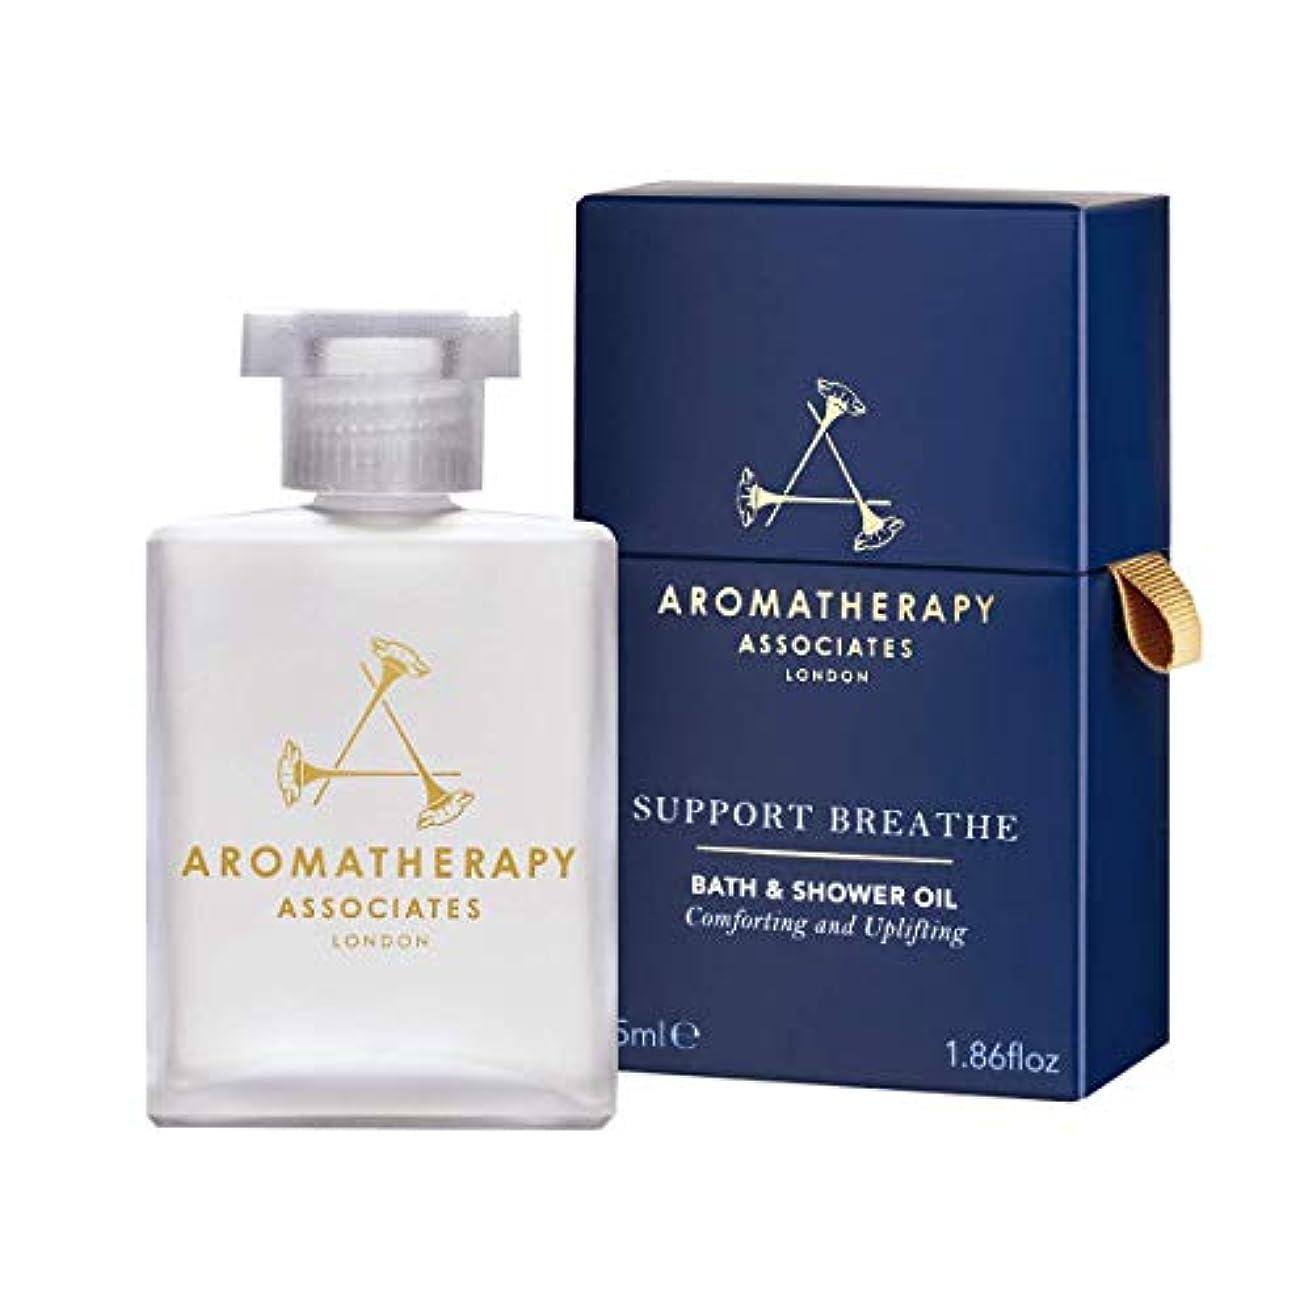 啓発する年じゃないアロマセラピー アソシエイツ(Aromatherapy Associates) サポート ブリーズ バスアンドシャワーオイル 55ml [海外直送品] [並行輸入品]